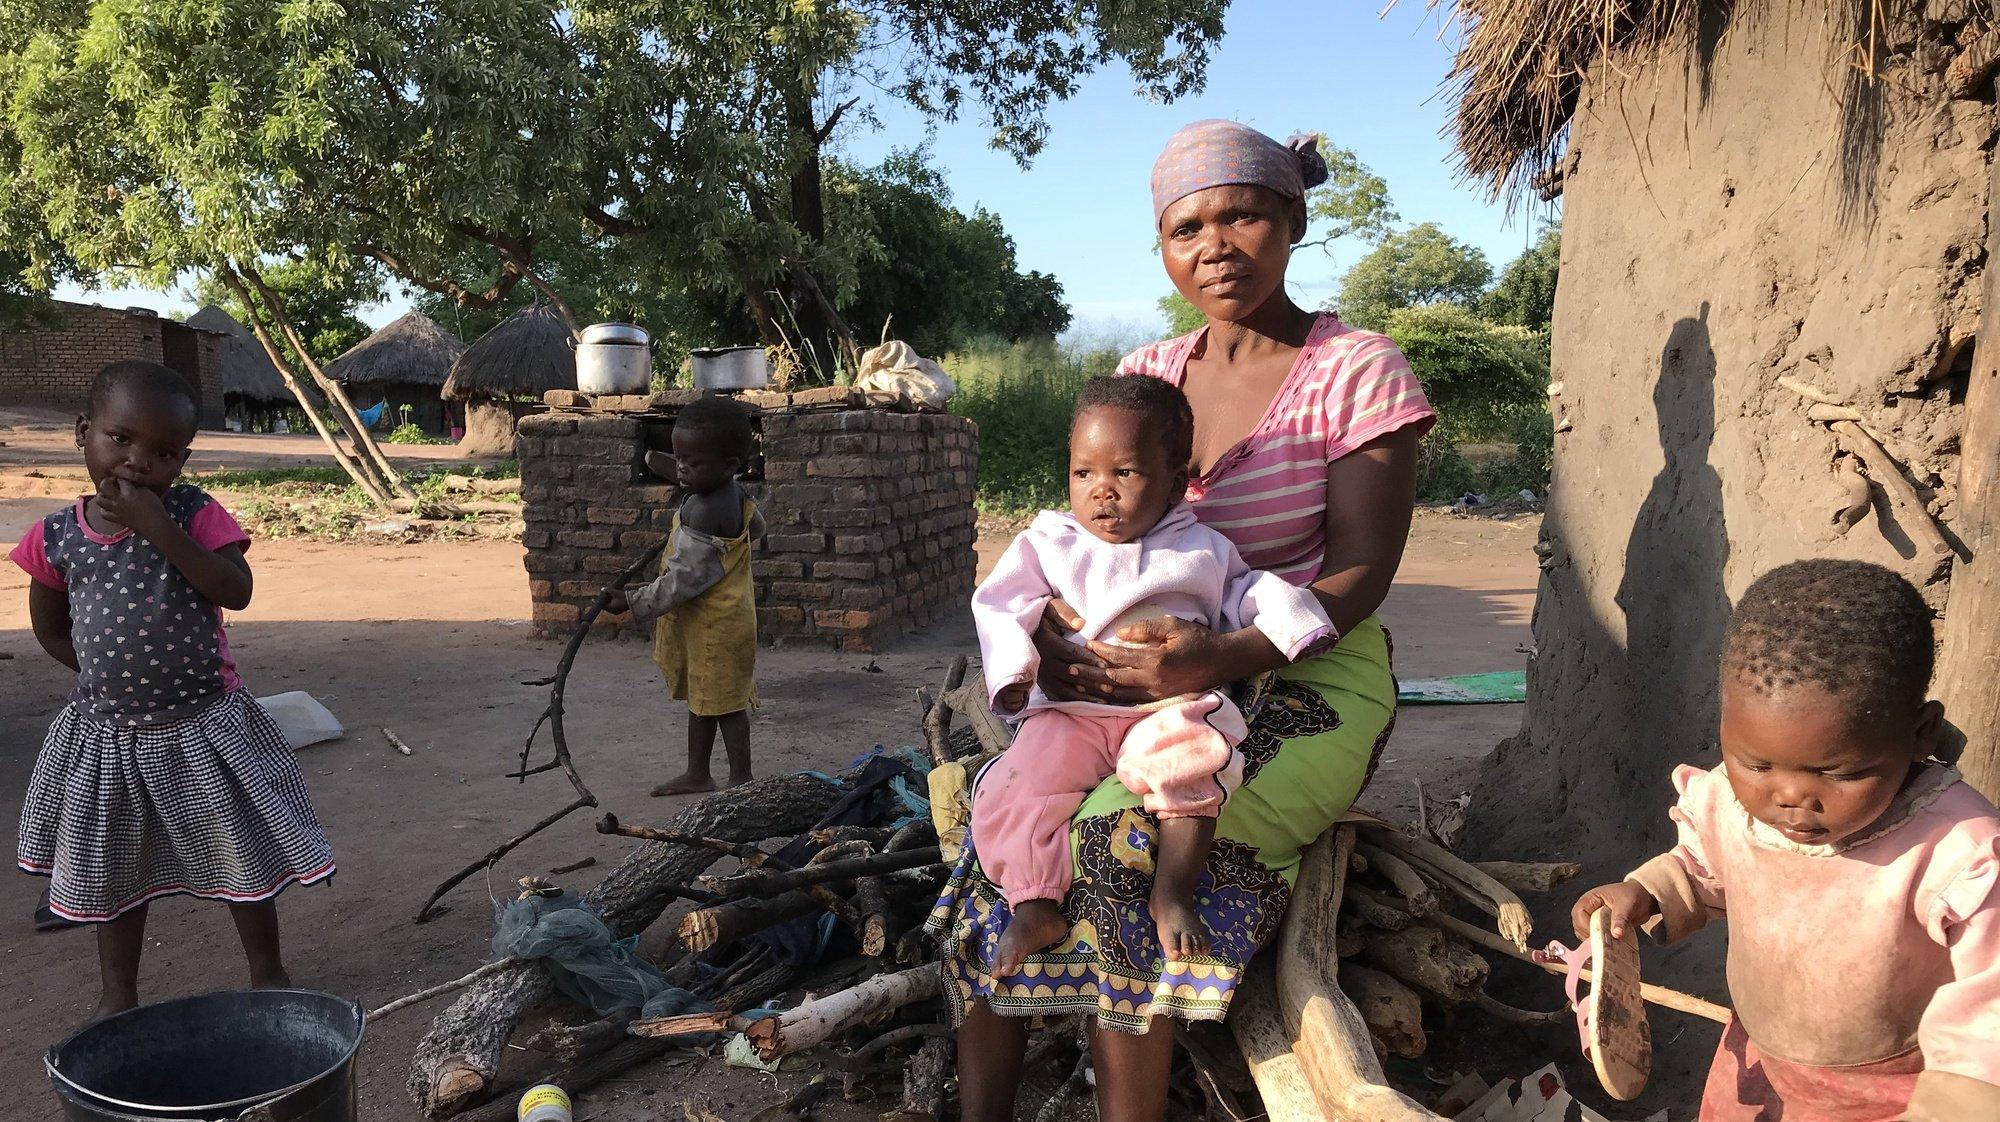 Isabel Zacarias, mãe do Idai, o bebé que ganhou o nome do ciclone mais violento de que se tem memória no centro de Moçambique, em Dombe, Manica, Moçambique, 12 de março de 2020. O bebé nasceu a 15 de março de 2019, durante a noite, na palhota de uma parteira da aldeia, horas depois de a grávida ter abandonado o centro de saúde de Dombe, Manica, centro de Moçambique, devido ao temporal. (ACOMPANHA TEXTO DO DIA 13 DE MARÇO DE 2020). ANDRÉ CATUEIRA/LUSA